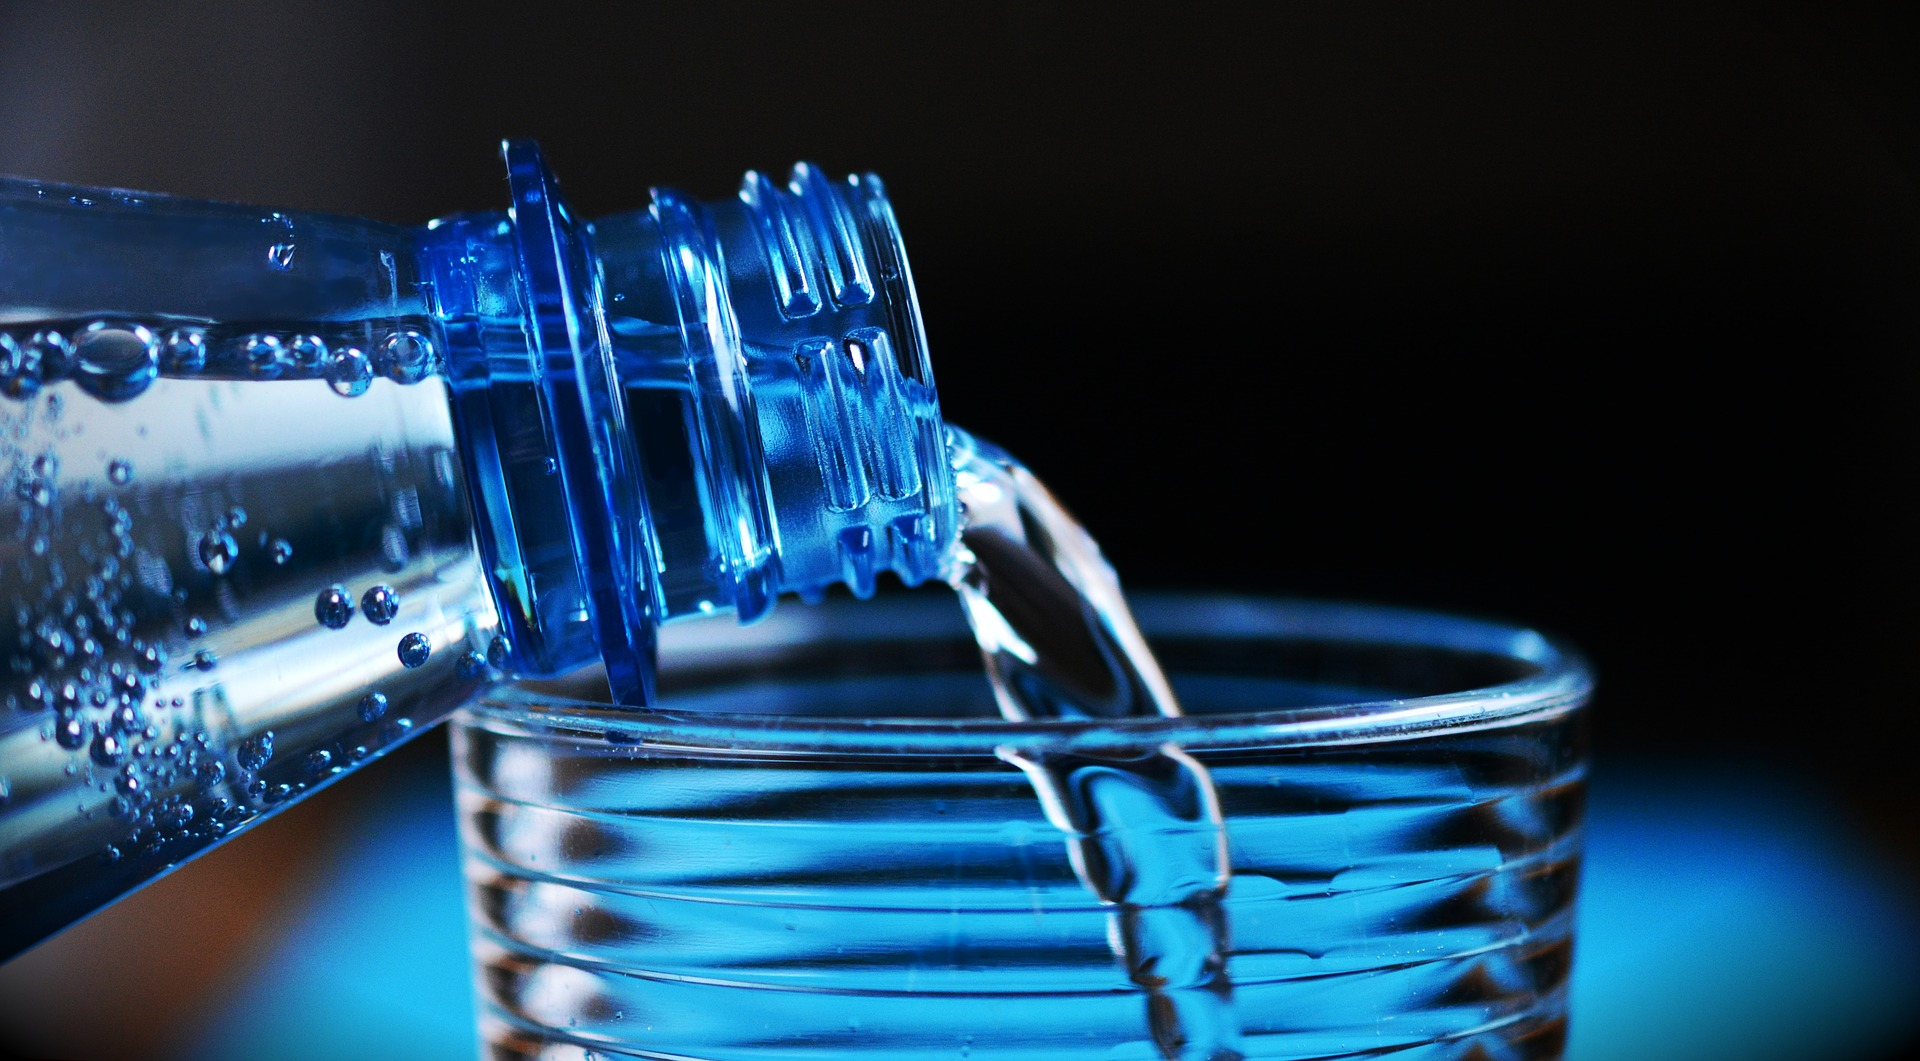 Z vodo nad okužbe sečil